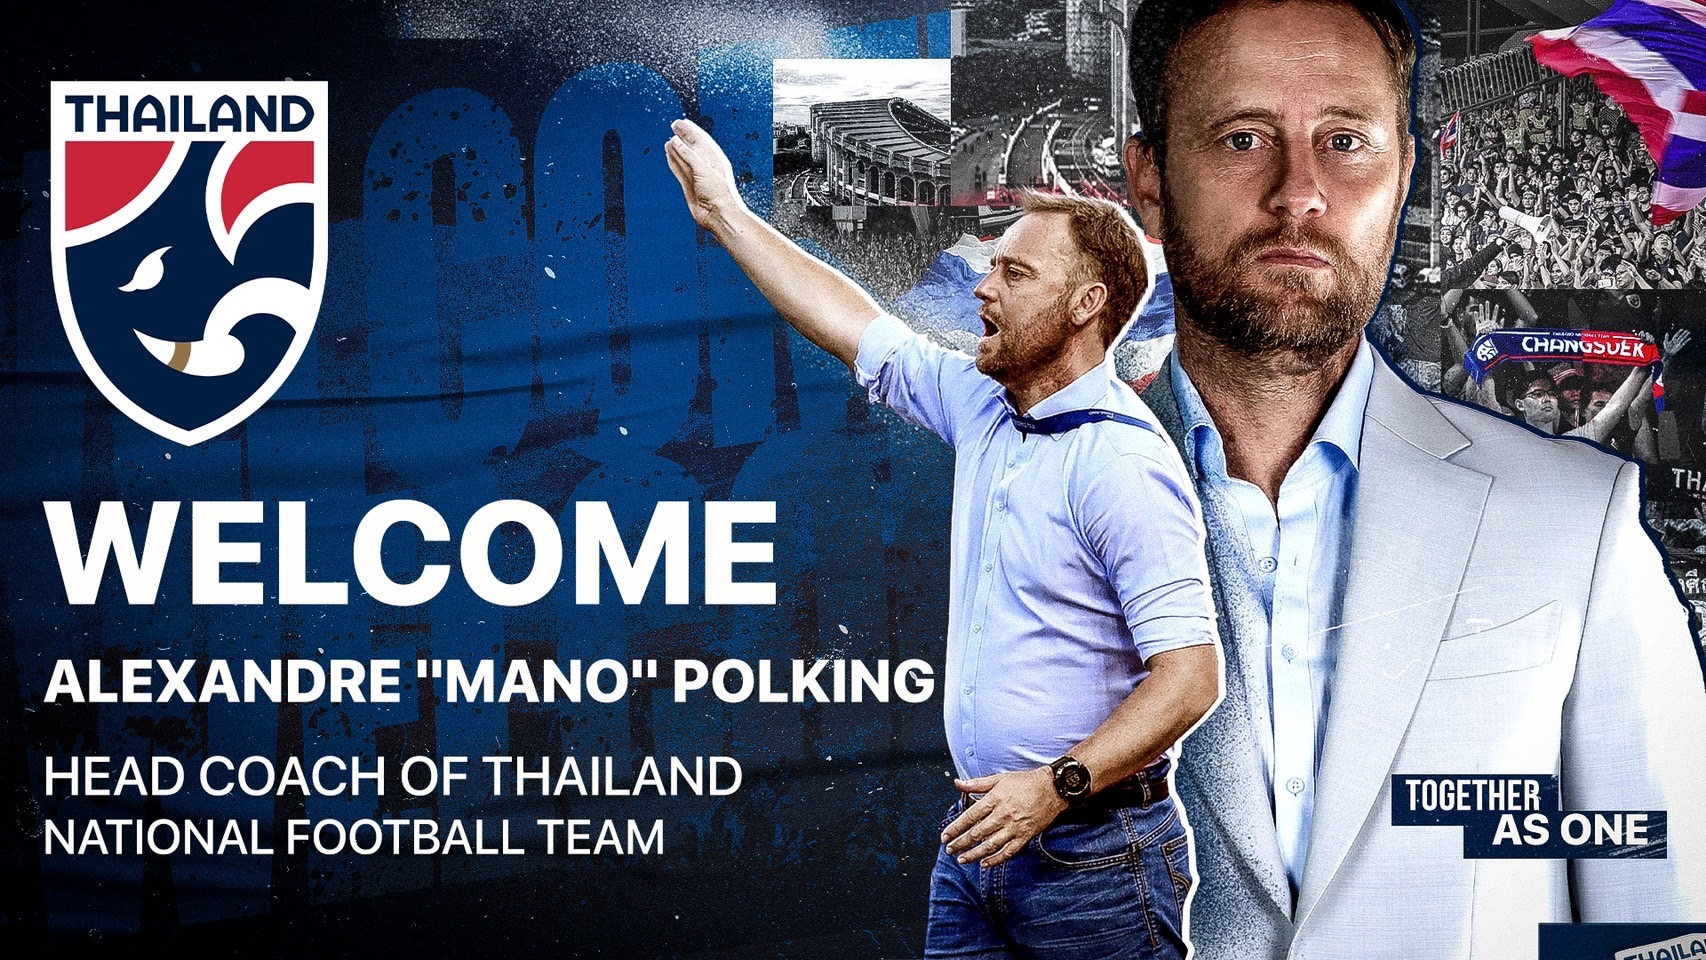 CHÍNH THỨC: Cựu HLV CLB TP.HCM dẫn dắt tuyển Thái Lan tại AFF Cup 2020 - Ảnh 1.